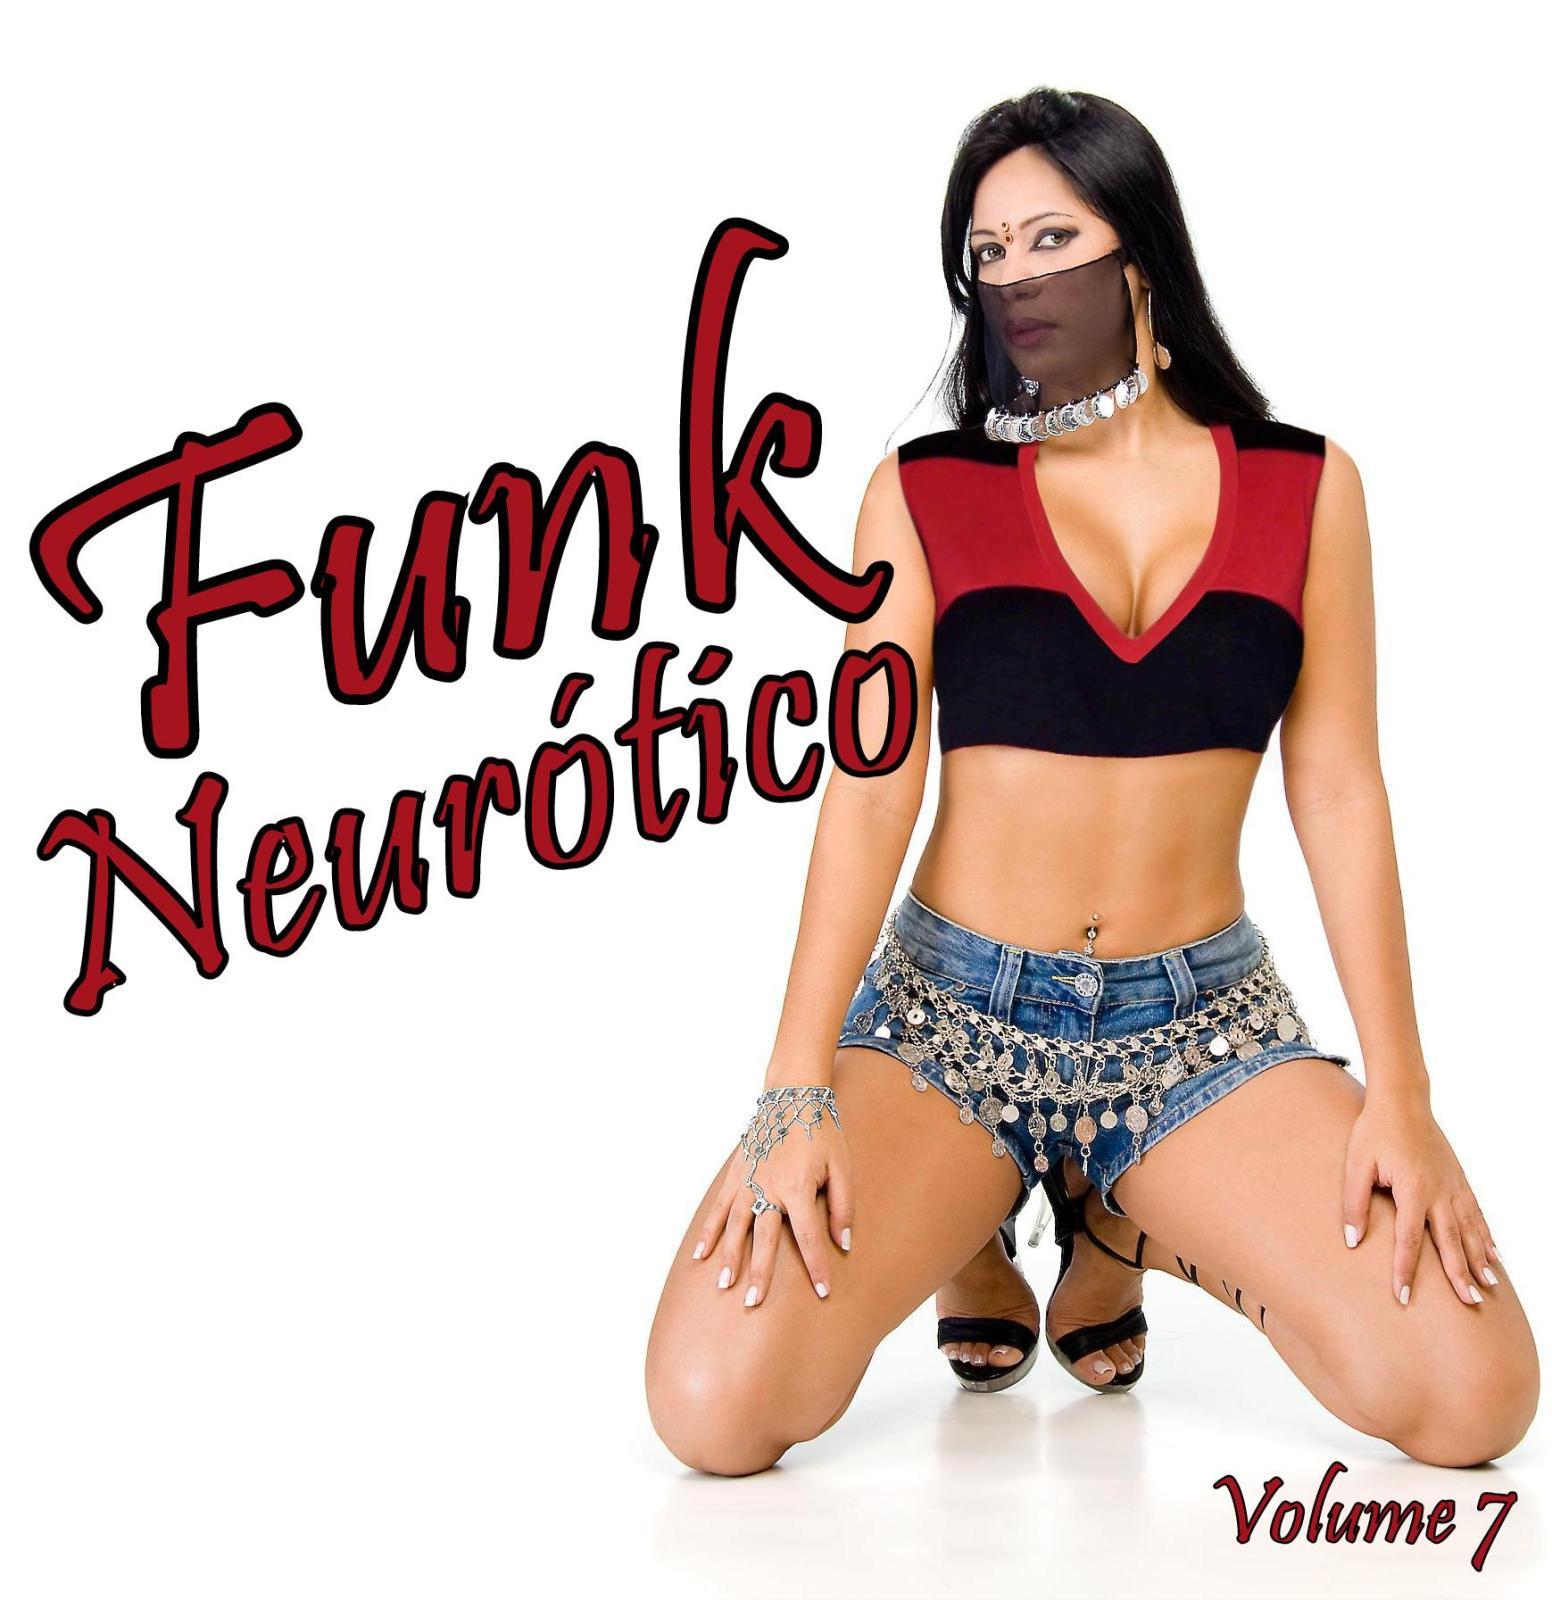 http://4.bp.blogspot.com/-LiqWgxvpKDk/T7FM0ajbCTI/AAAAAAAAAZI/TRaH7rKgBPw/s1600/Funk+Neurotico+Vol.+7+(2012).jpg